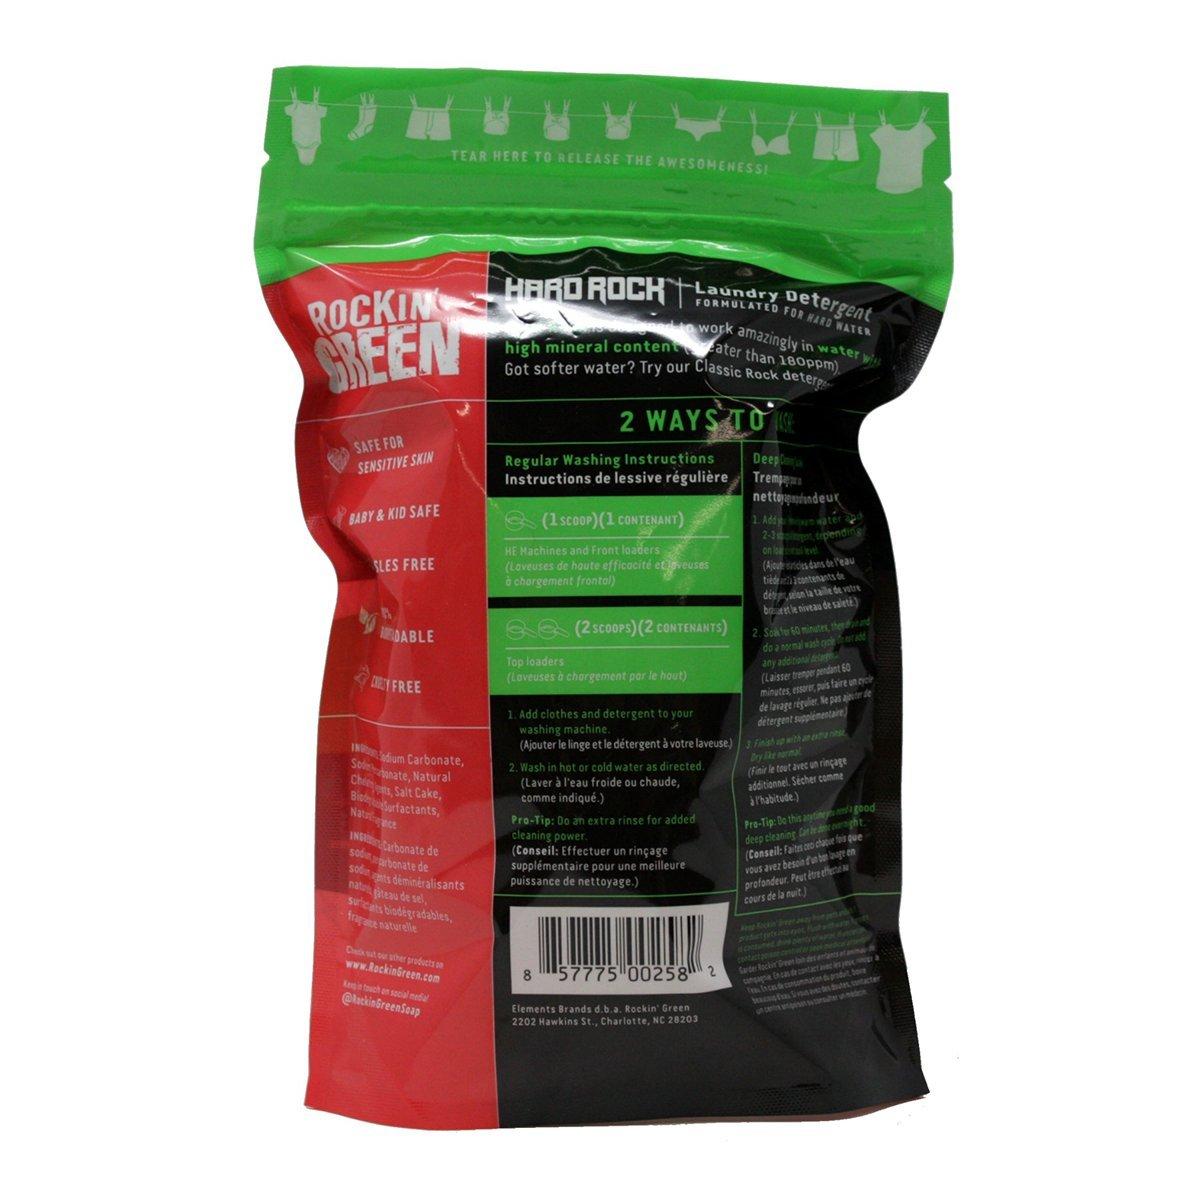 Rockin Green - Hard Rock Remix detergente de lavandería romper sandías - 45 oz.: Amazon.es: Hogar